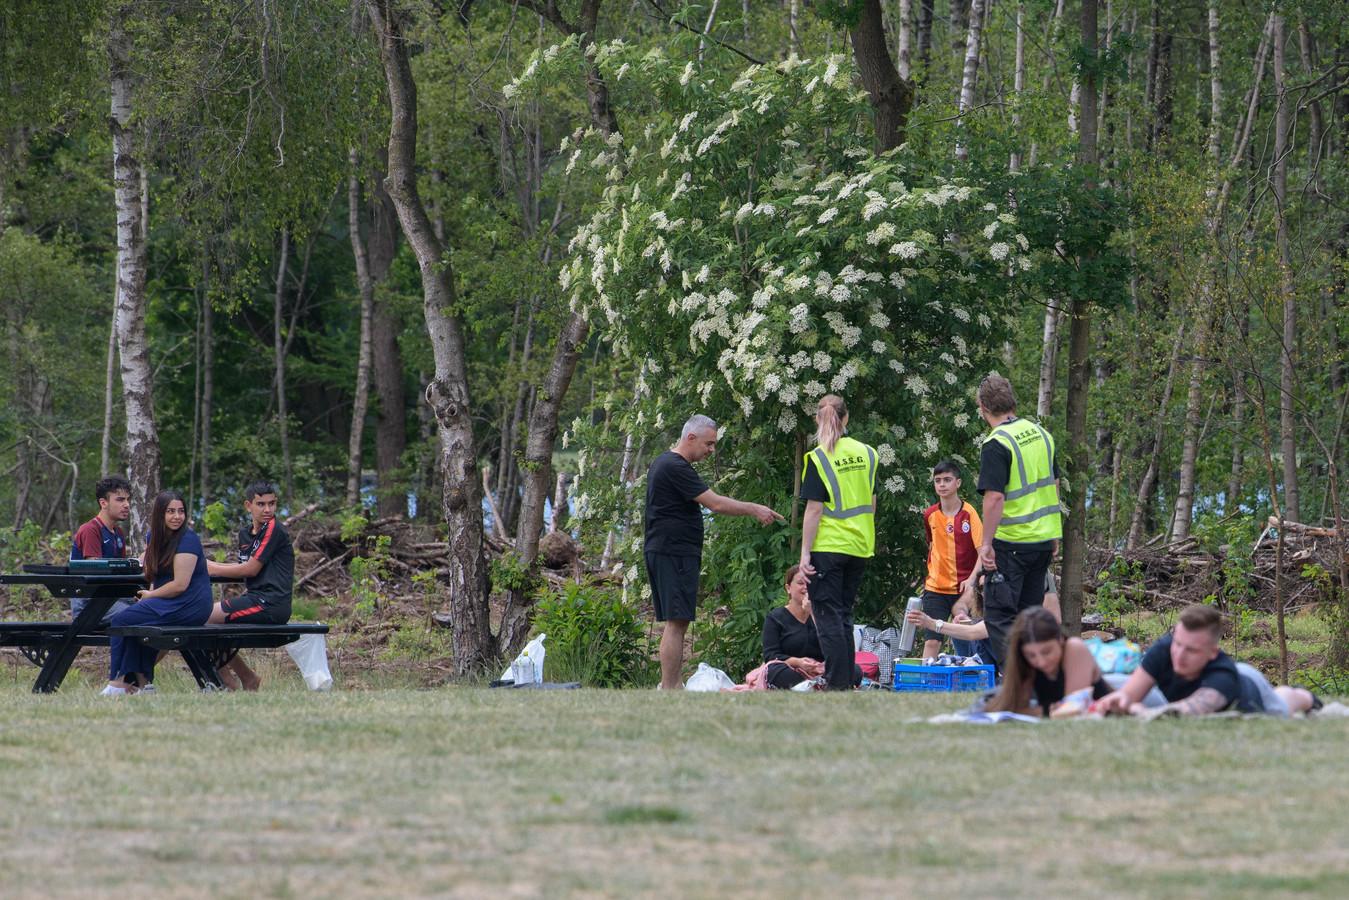 De beveiligers hebben deze zondag hun handen niet vol aan problemen, zegt parkmanager Dénick Scholten van Het Rutbeek.